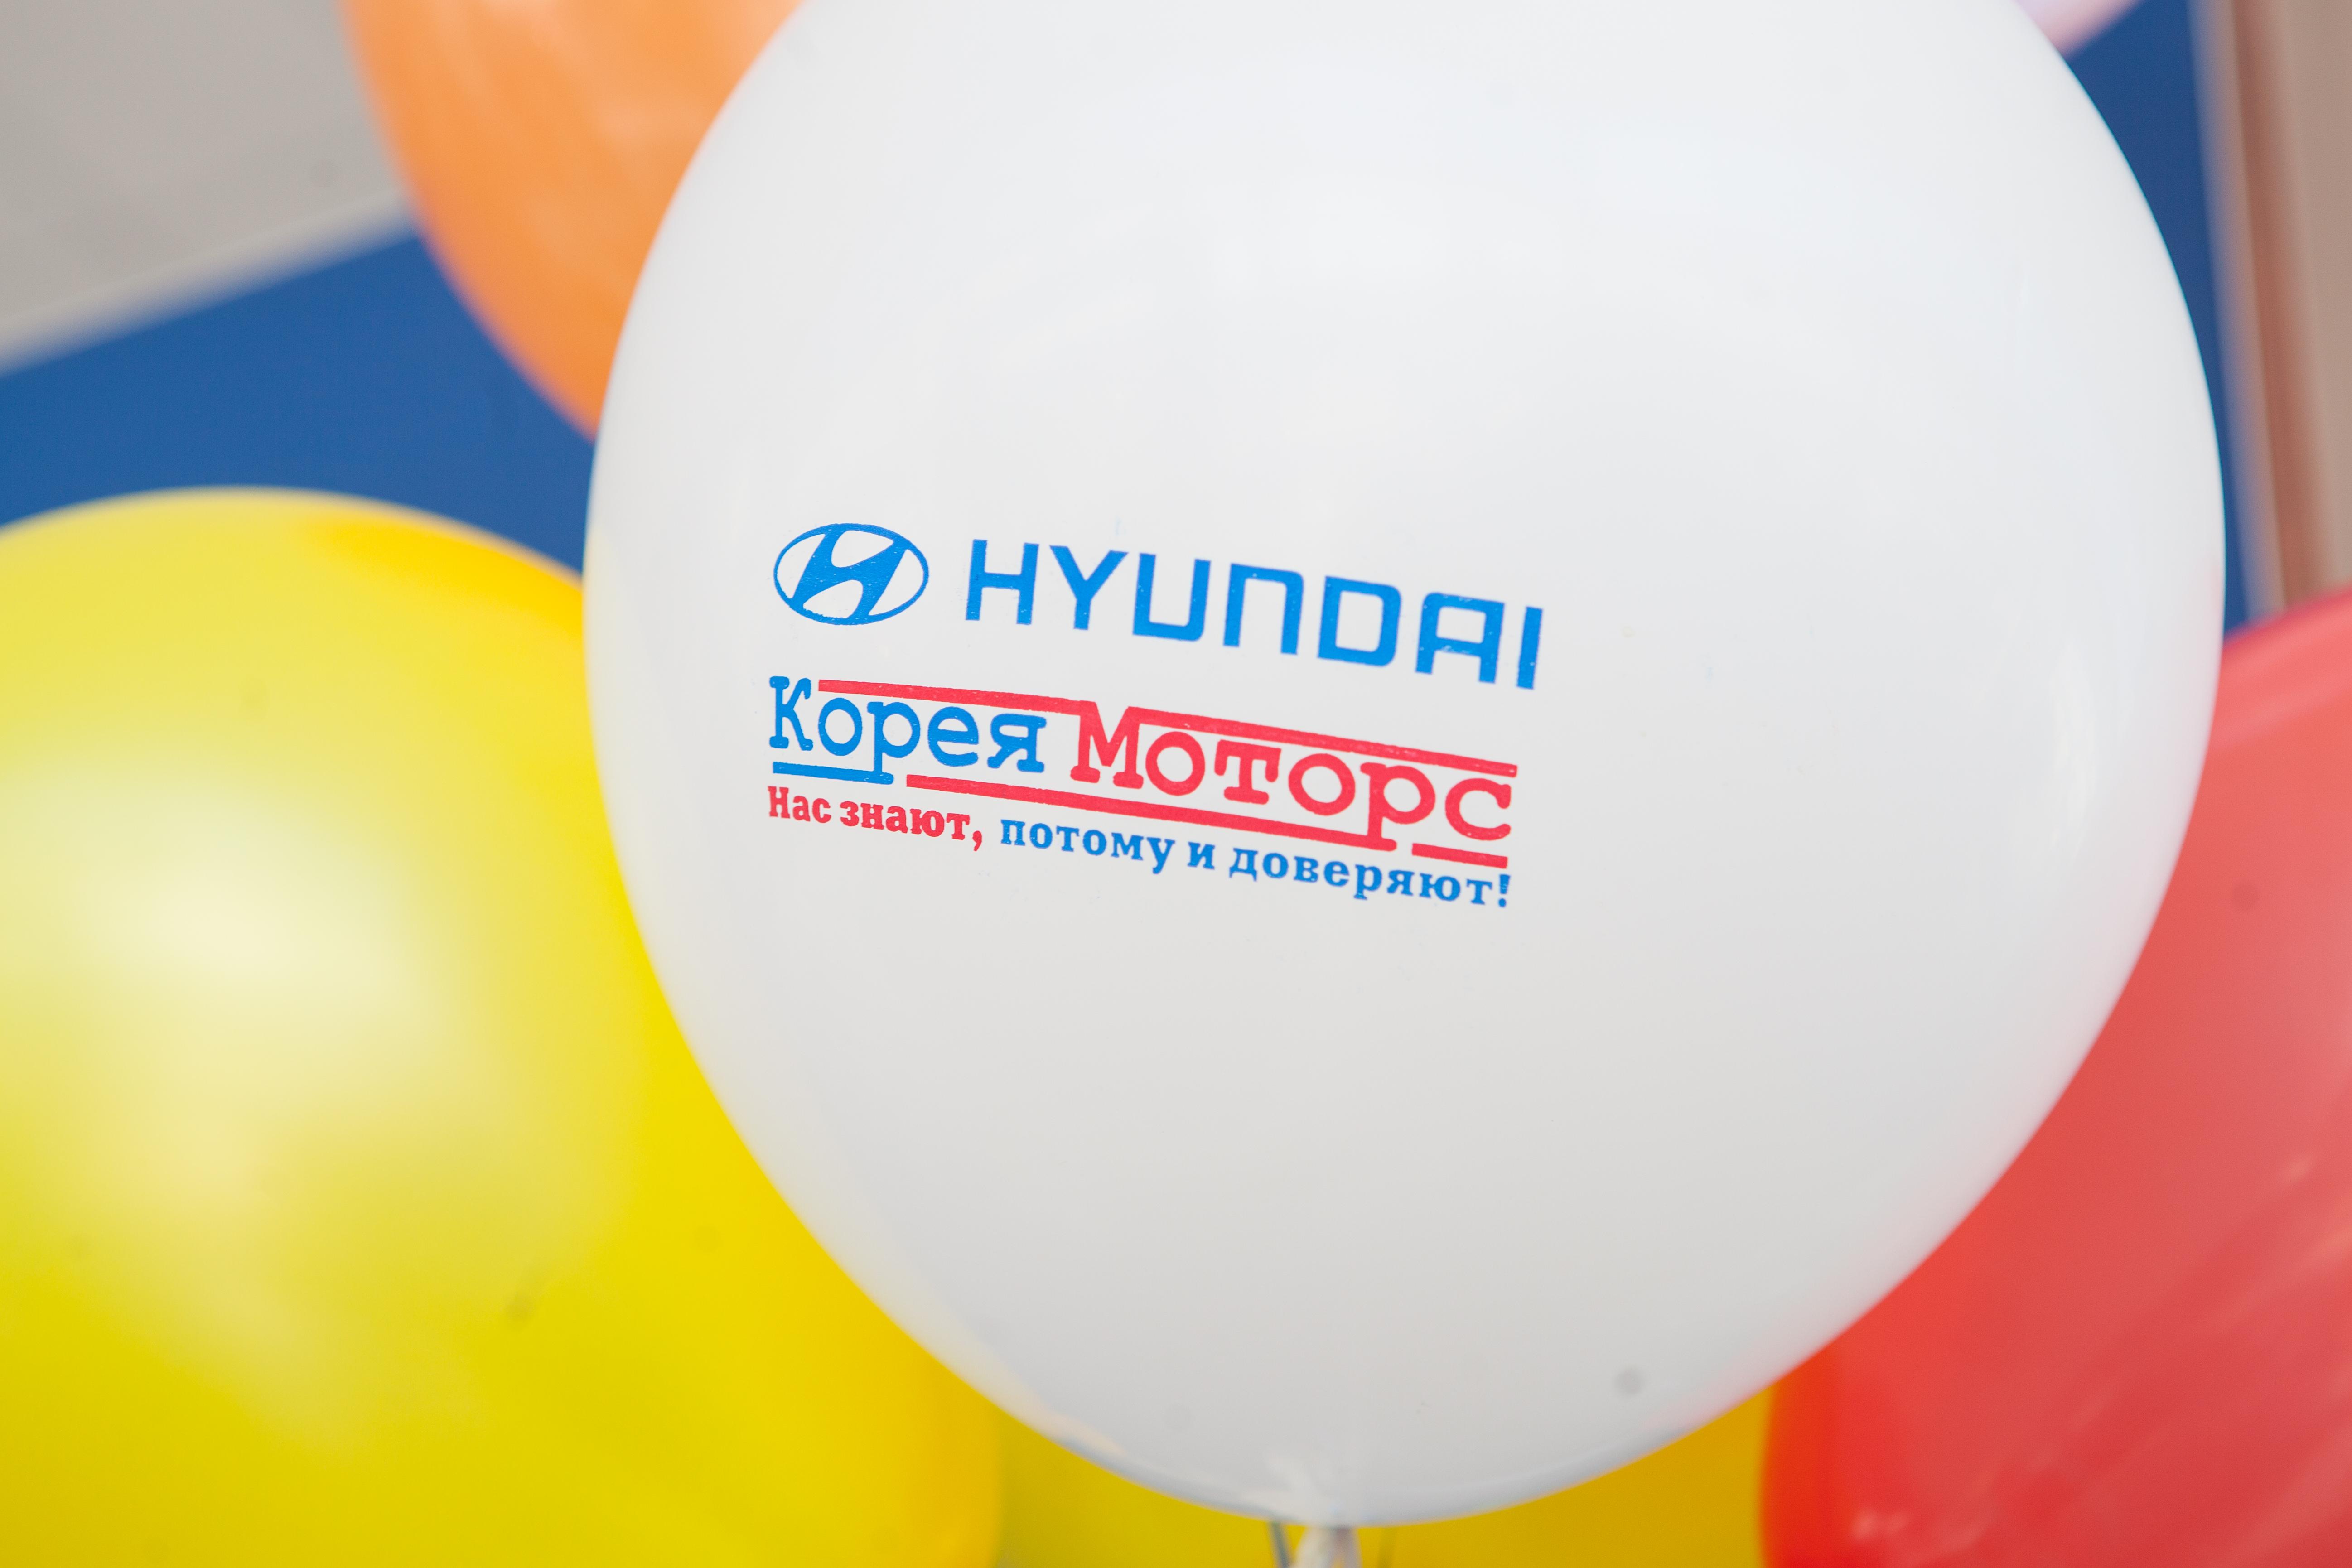 Хёндэ Корея Моторс (6).jpg